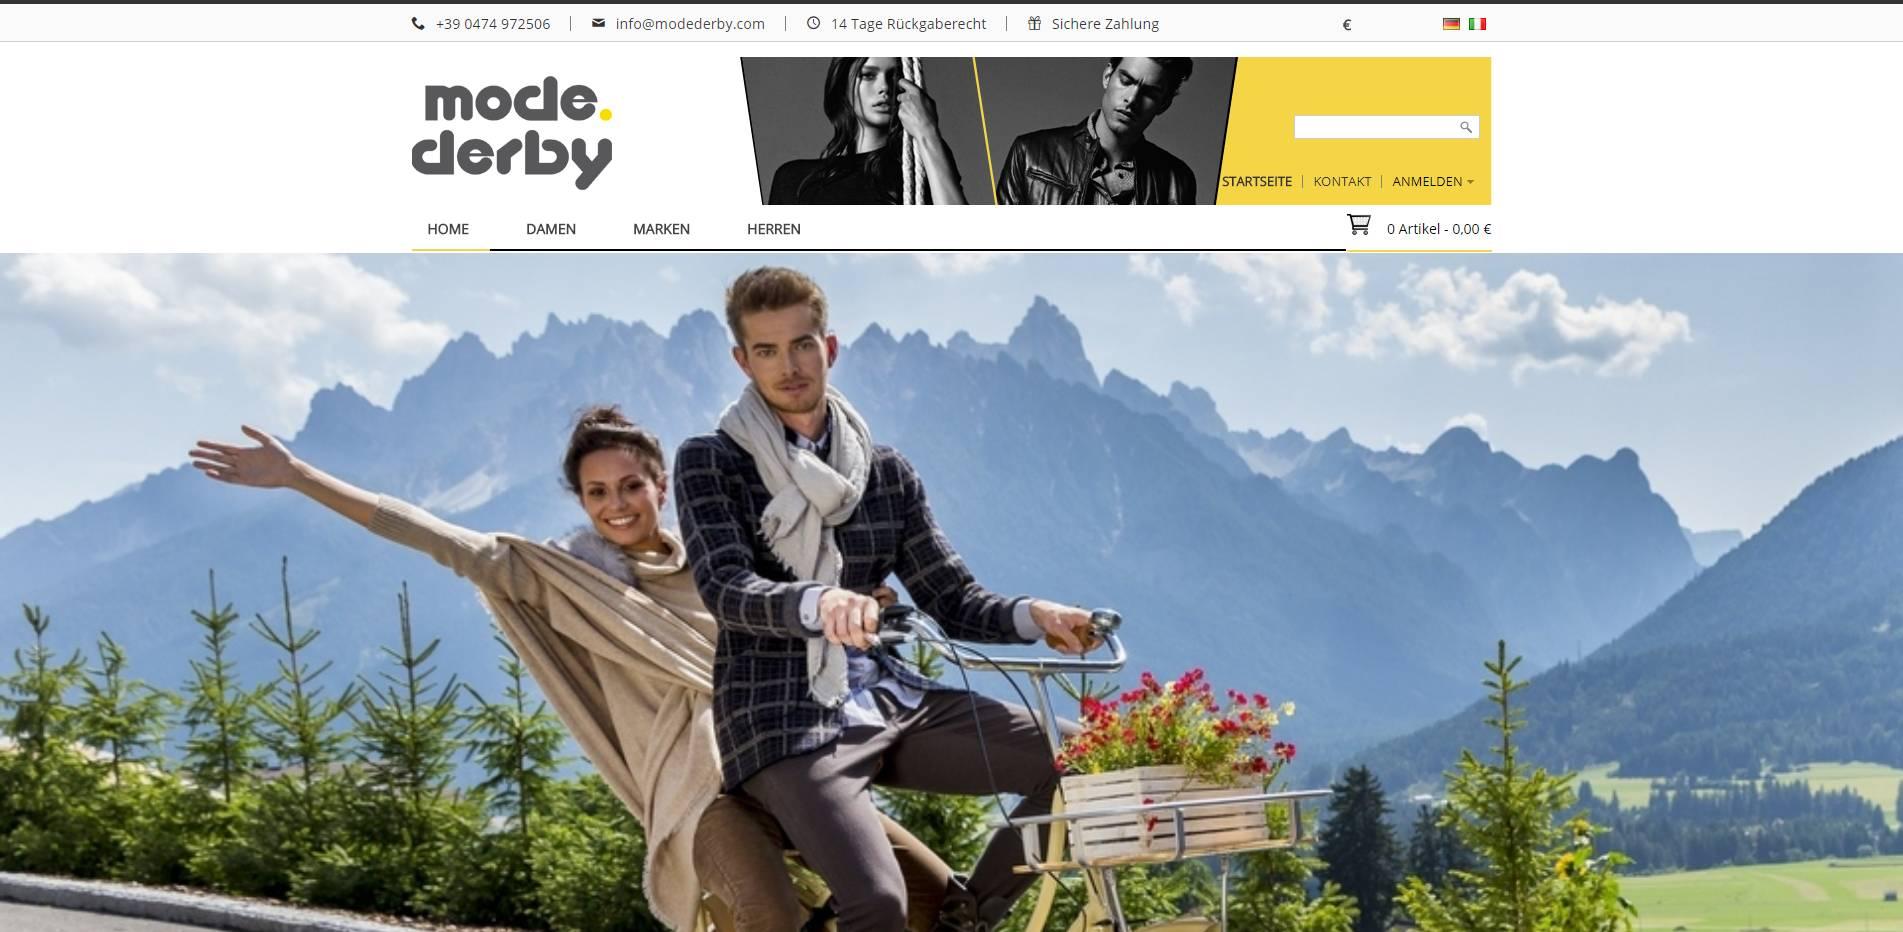 modederby.com